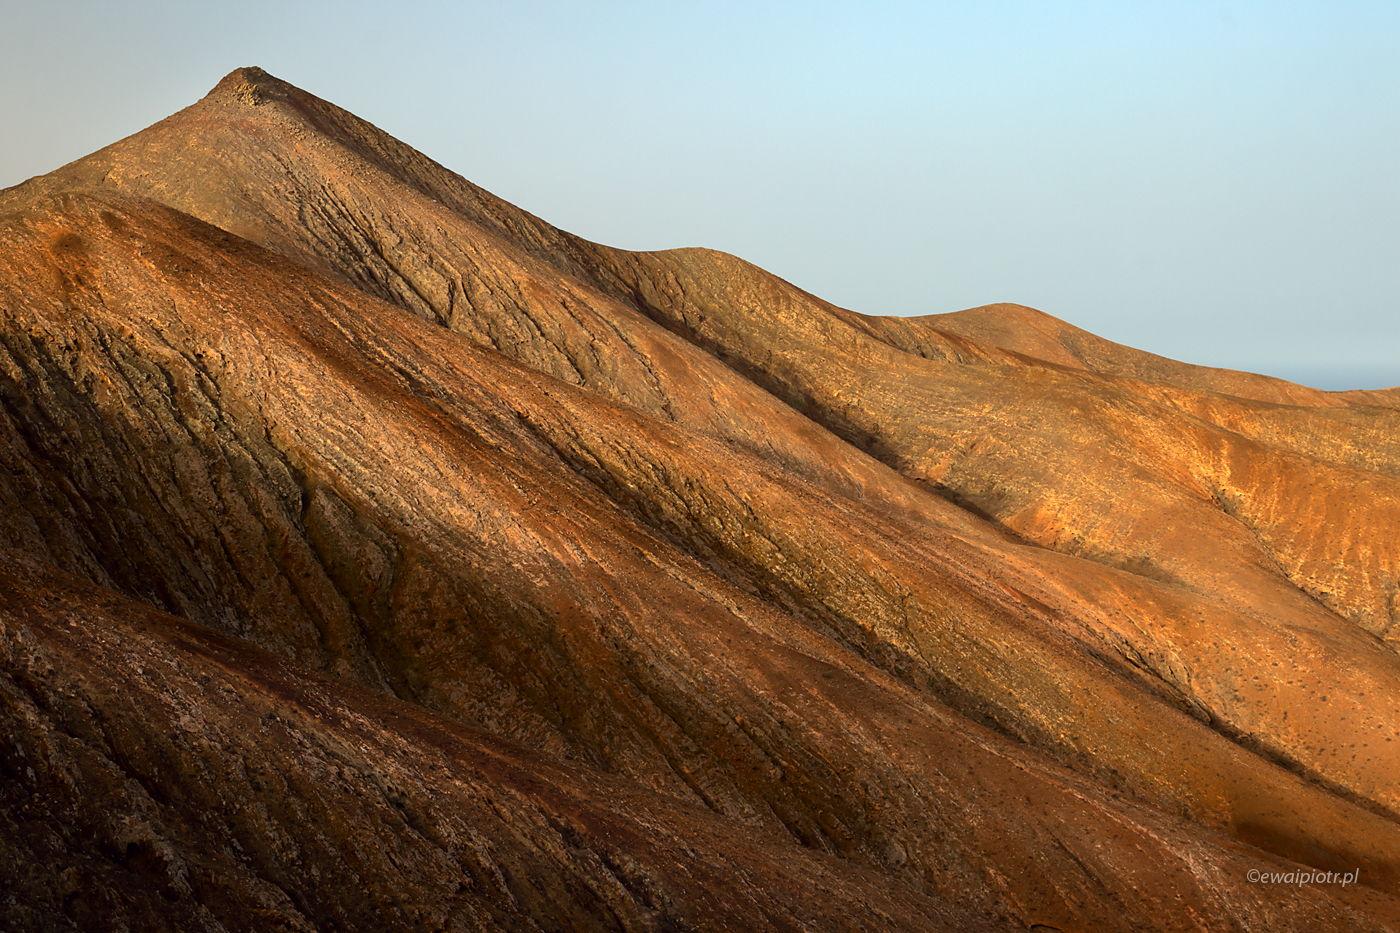 Falujące zbocza Fuerteventury, Wyspy Kanaryjskie